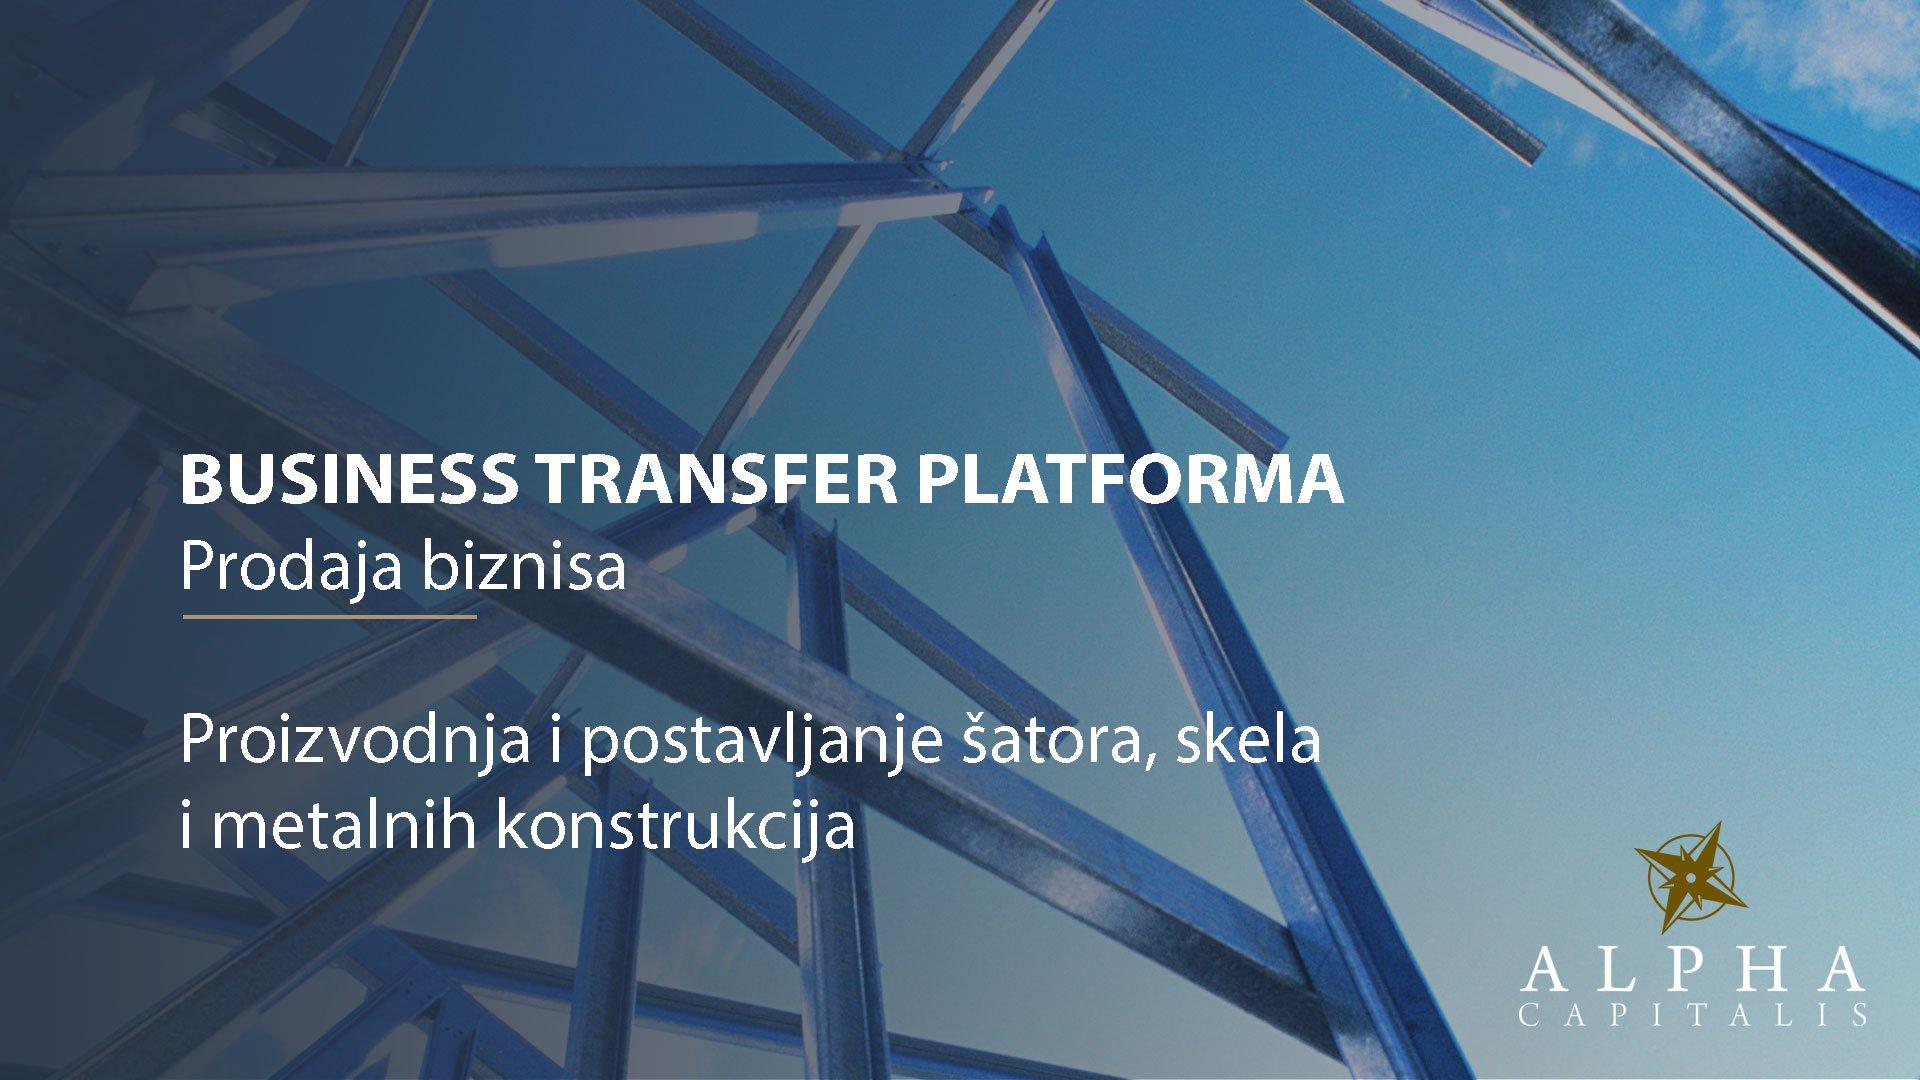 BUSINESS-TRANSFER-PLATFORMA-Prodaja-biznisa-Proizvodnja-postavljanje-šatora-skela